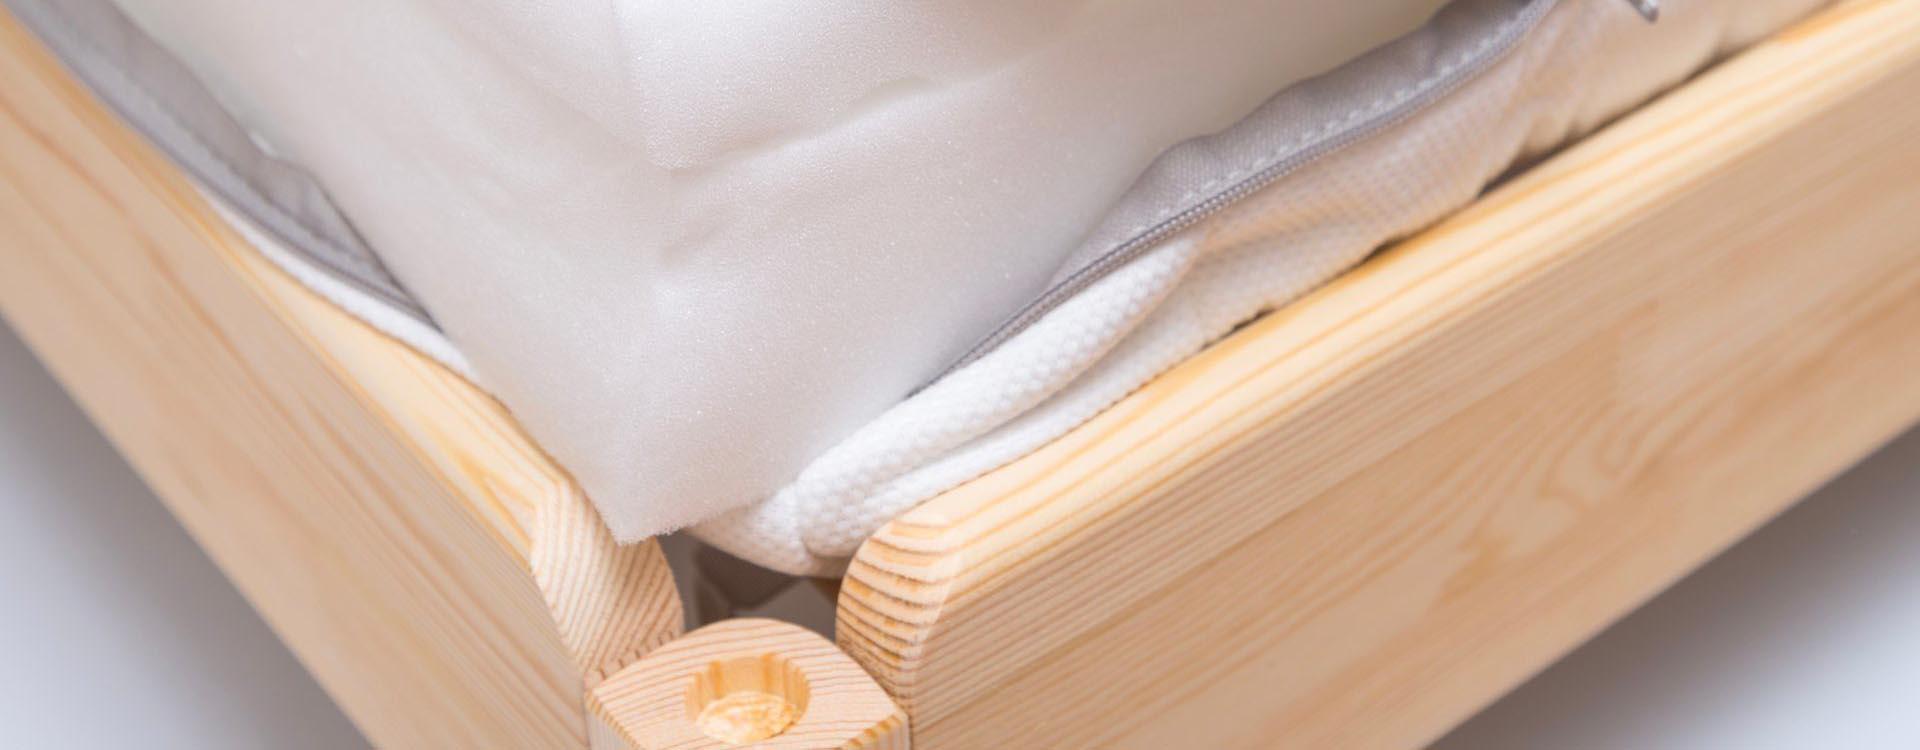 Купить клей для мебели